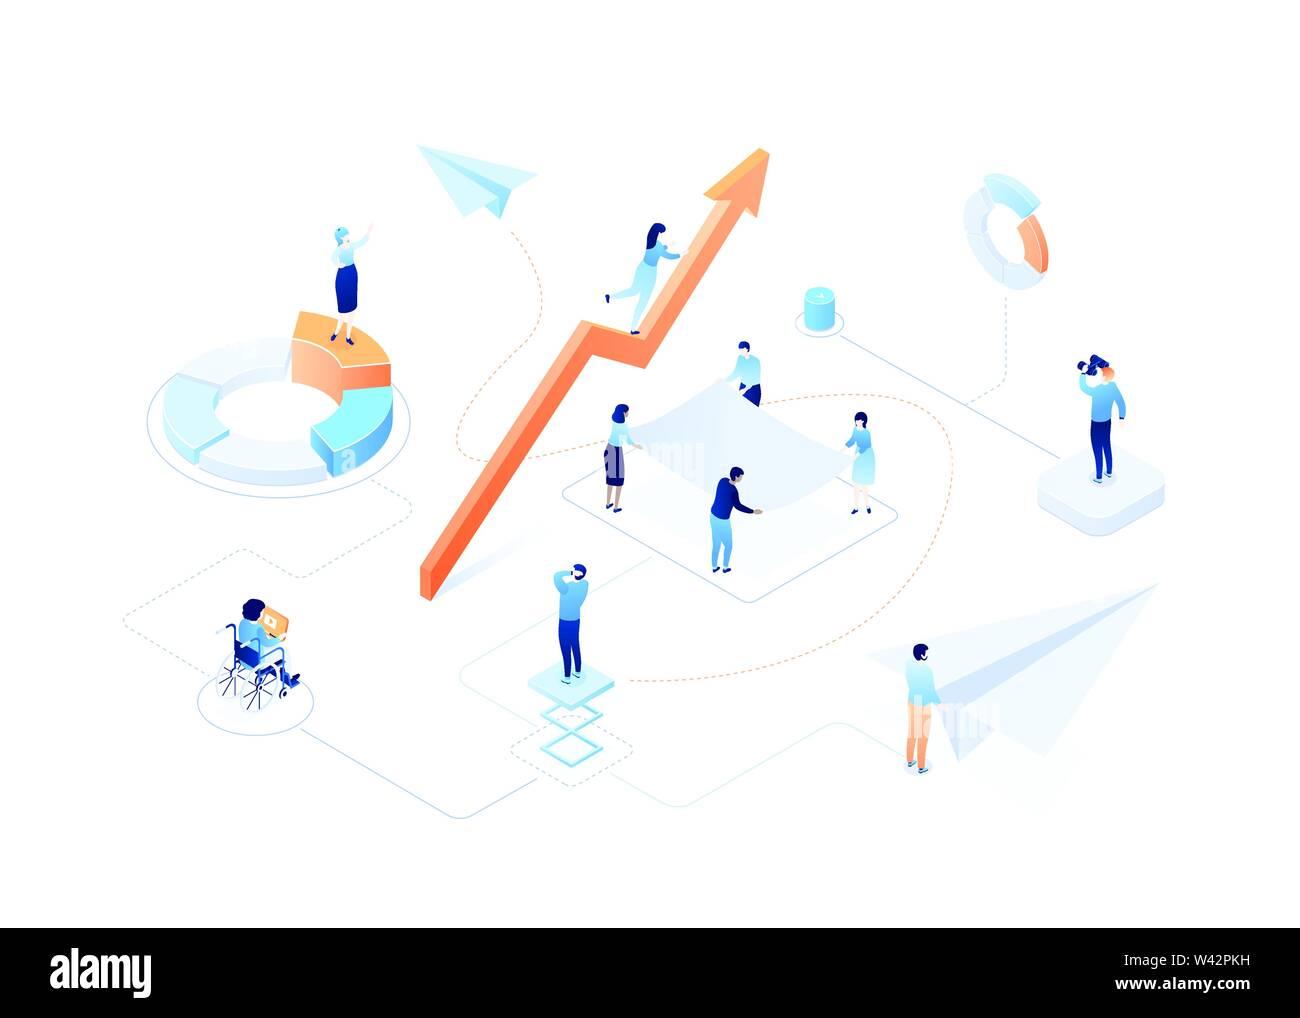 Crescita aziendale - moderno colorato isometrica illustrazione vettoriale Immagini Stock